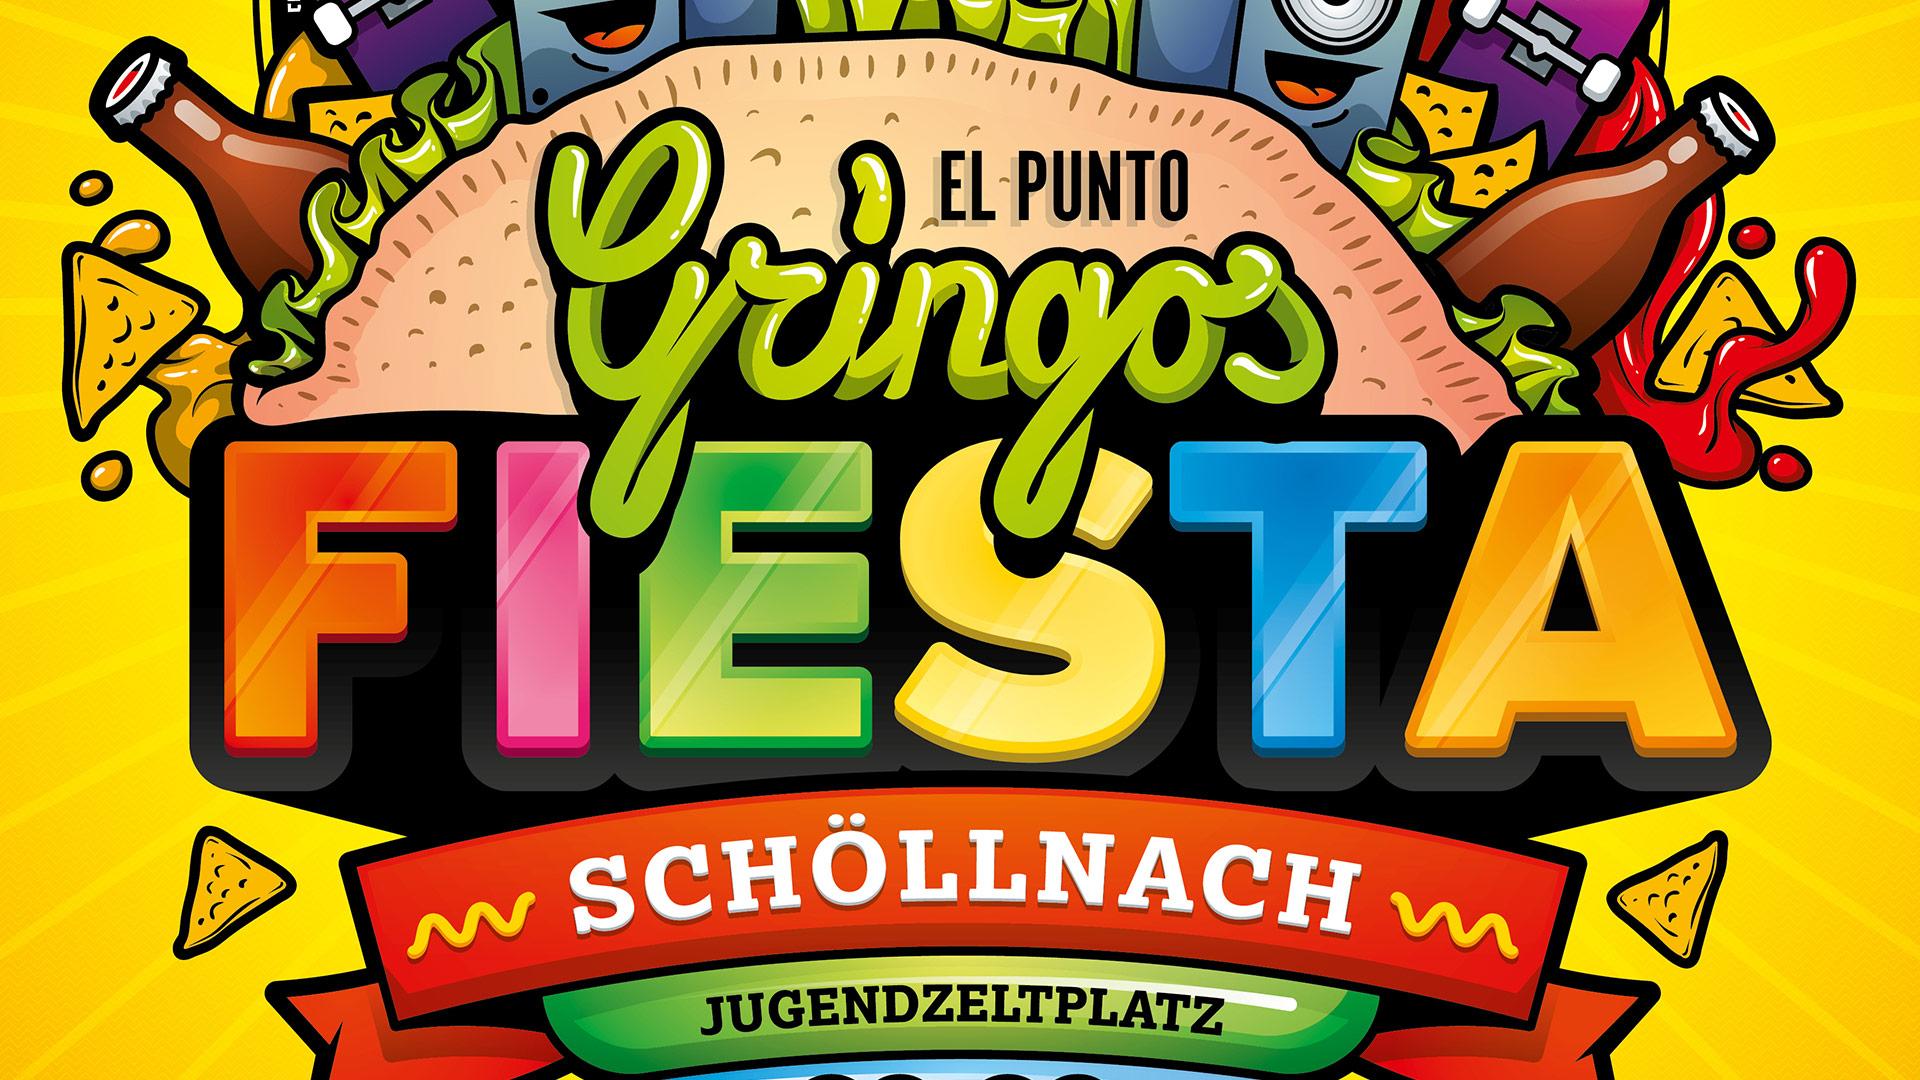 Gringos Fiesta 2014   Poster Detail   Illustration By Artjom Meister   Art-mas.com